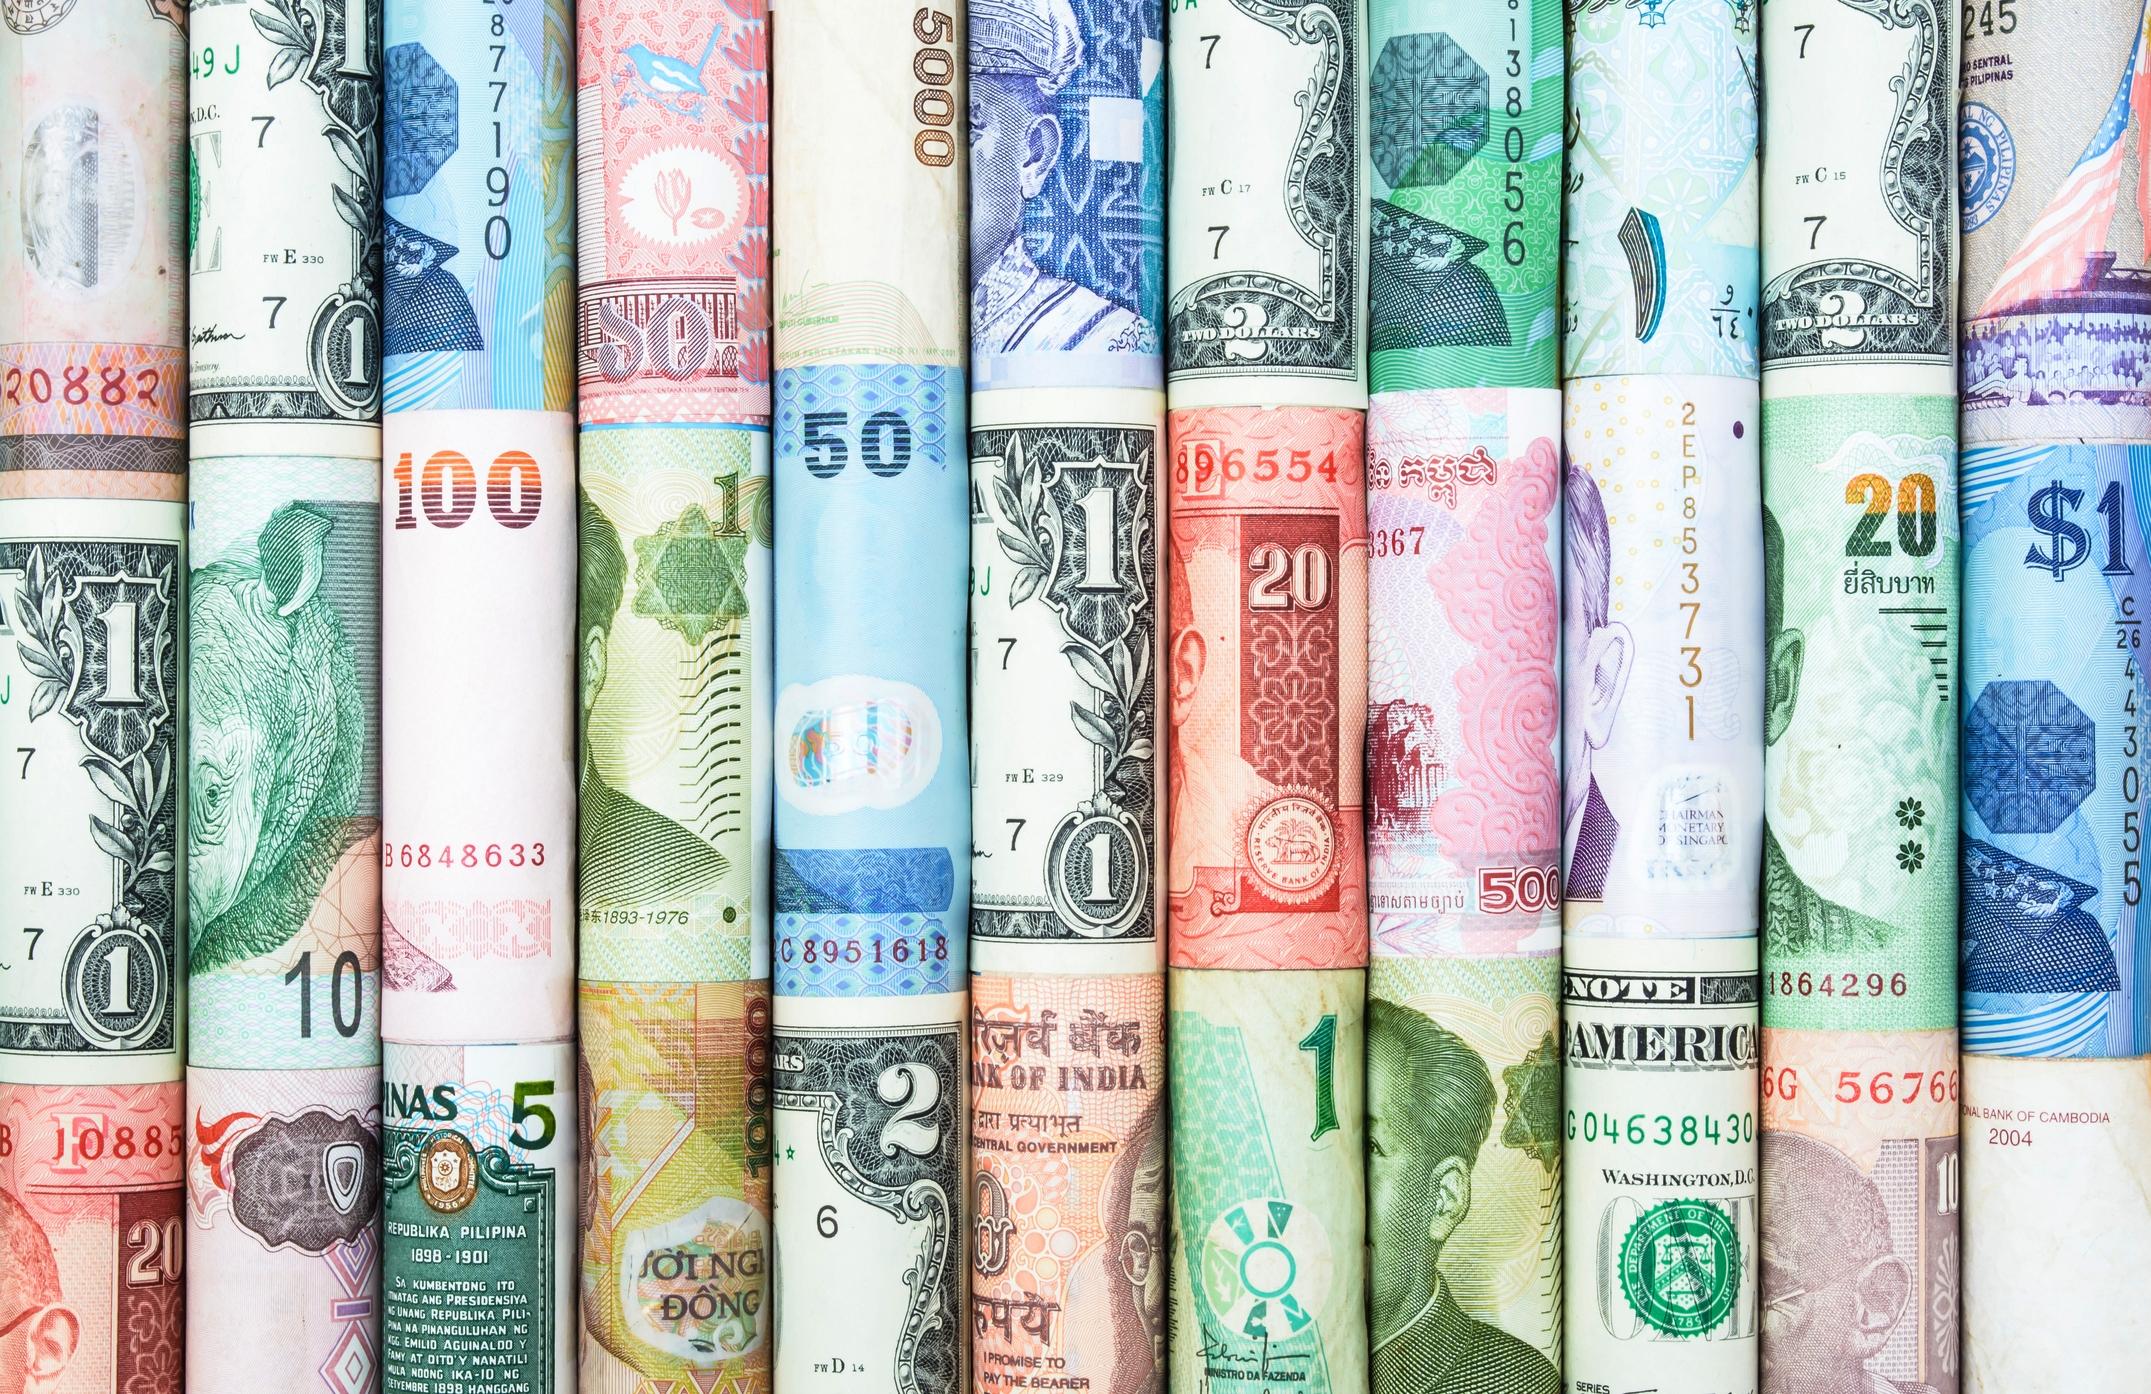 Financials -